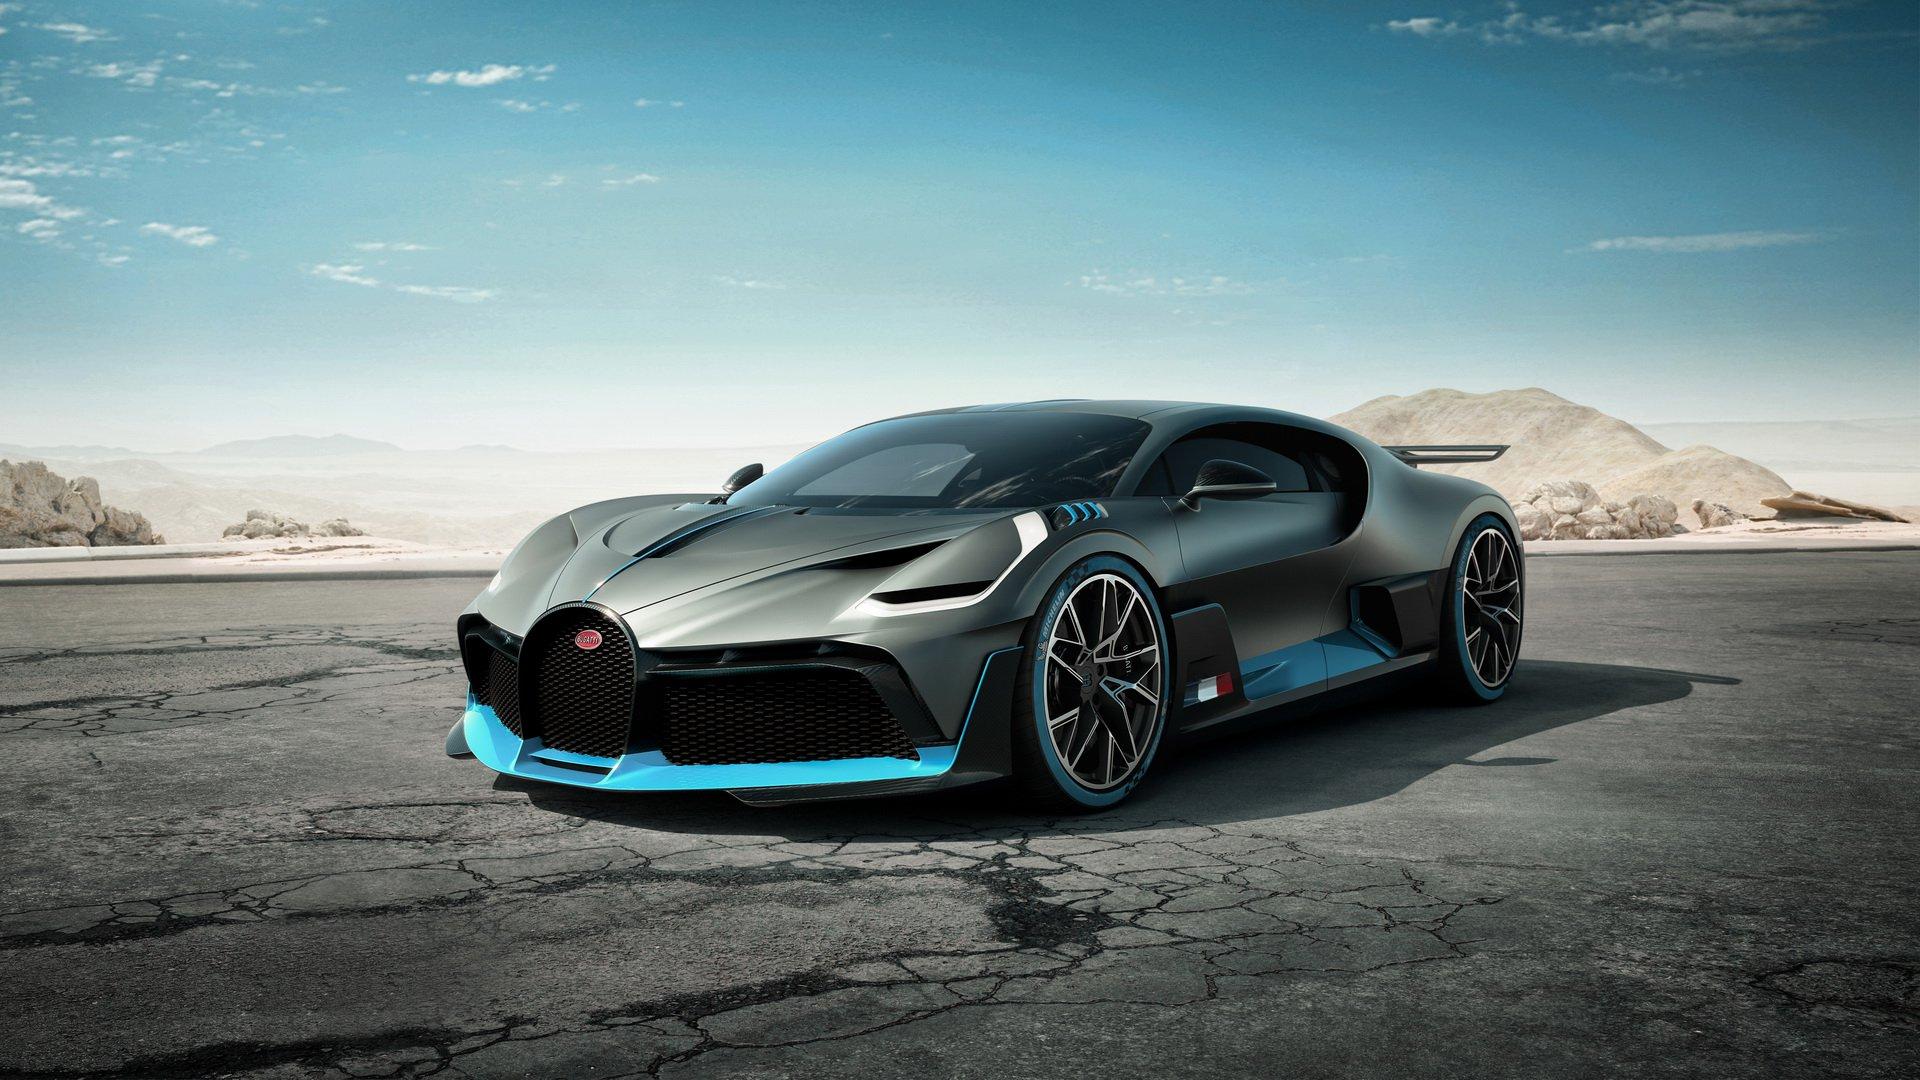 Won't Build An SUV: Confirms Bugatti - TechStory